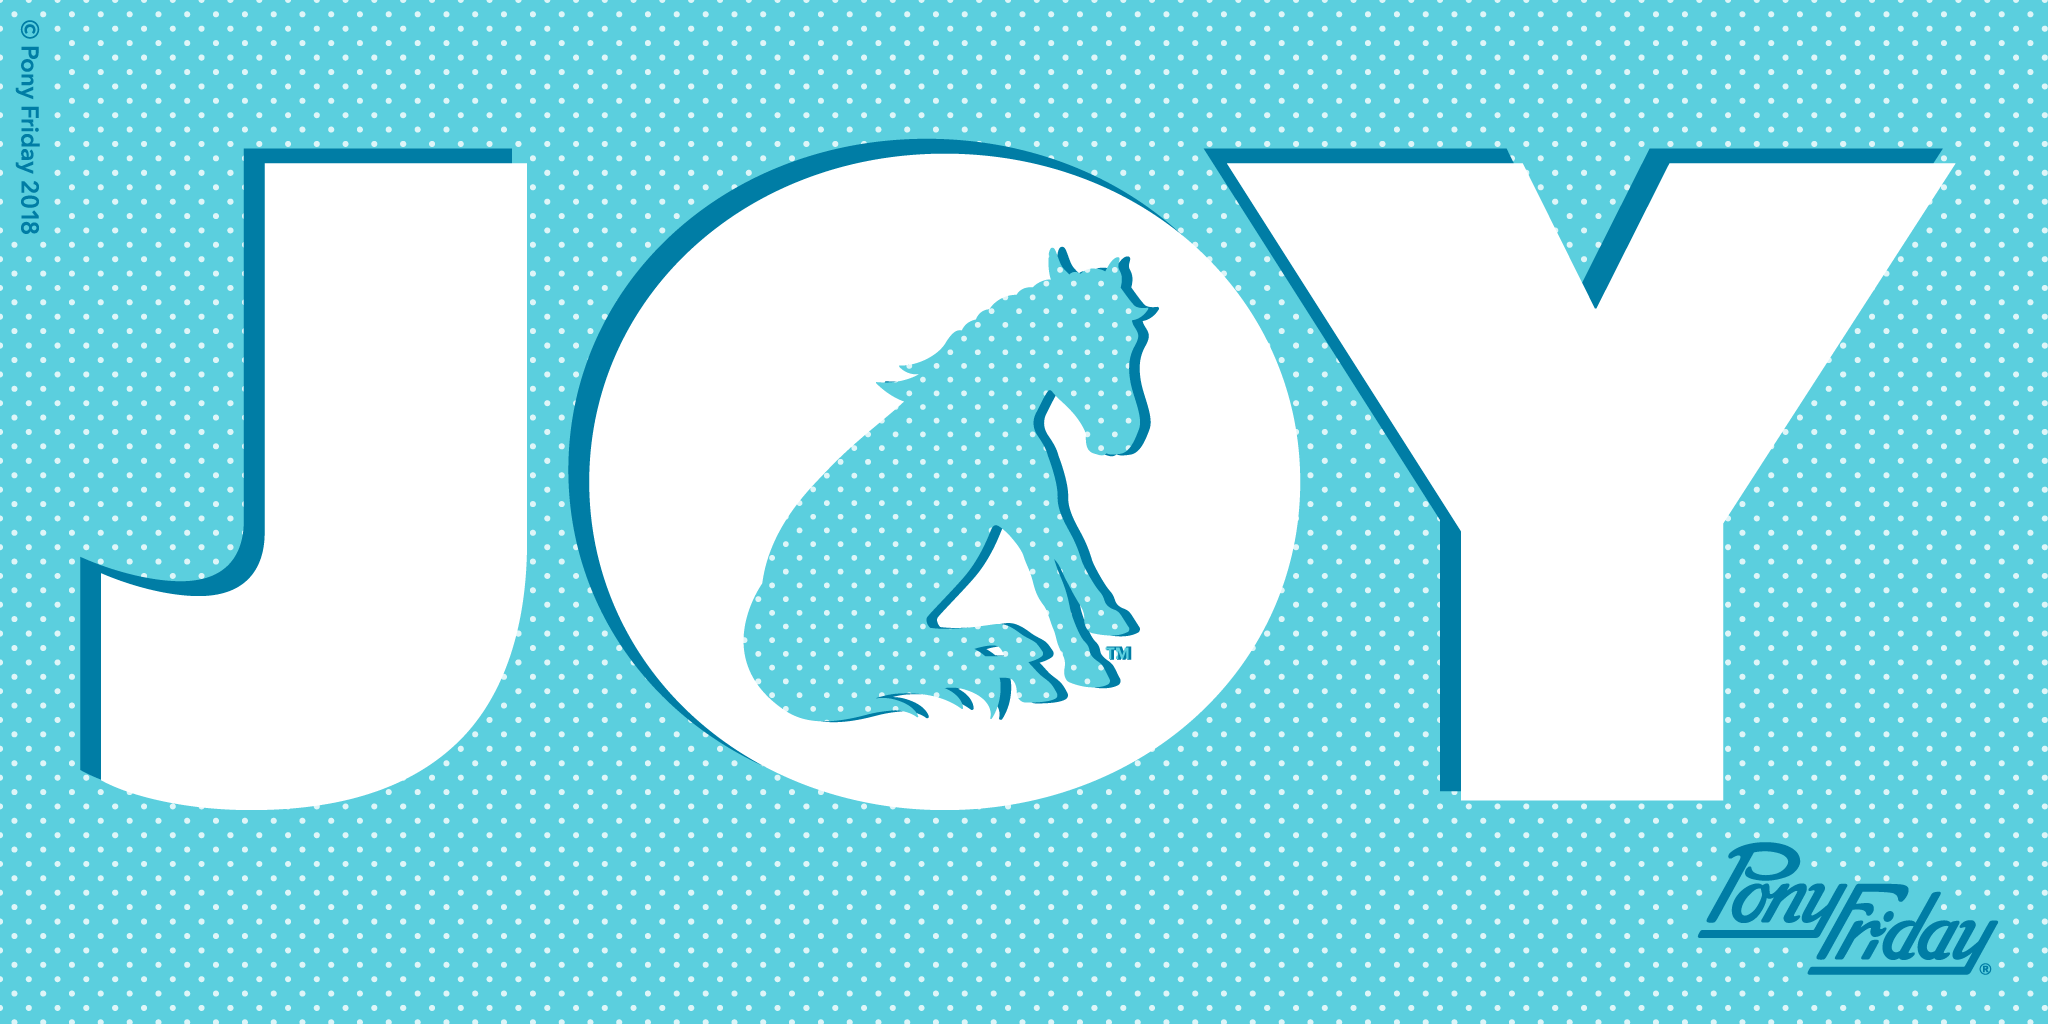 PonyFriday_JOYPony-Friday-JOY-Kicks-Blog-Post-Header-Image.png